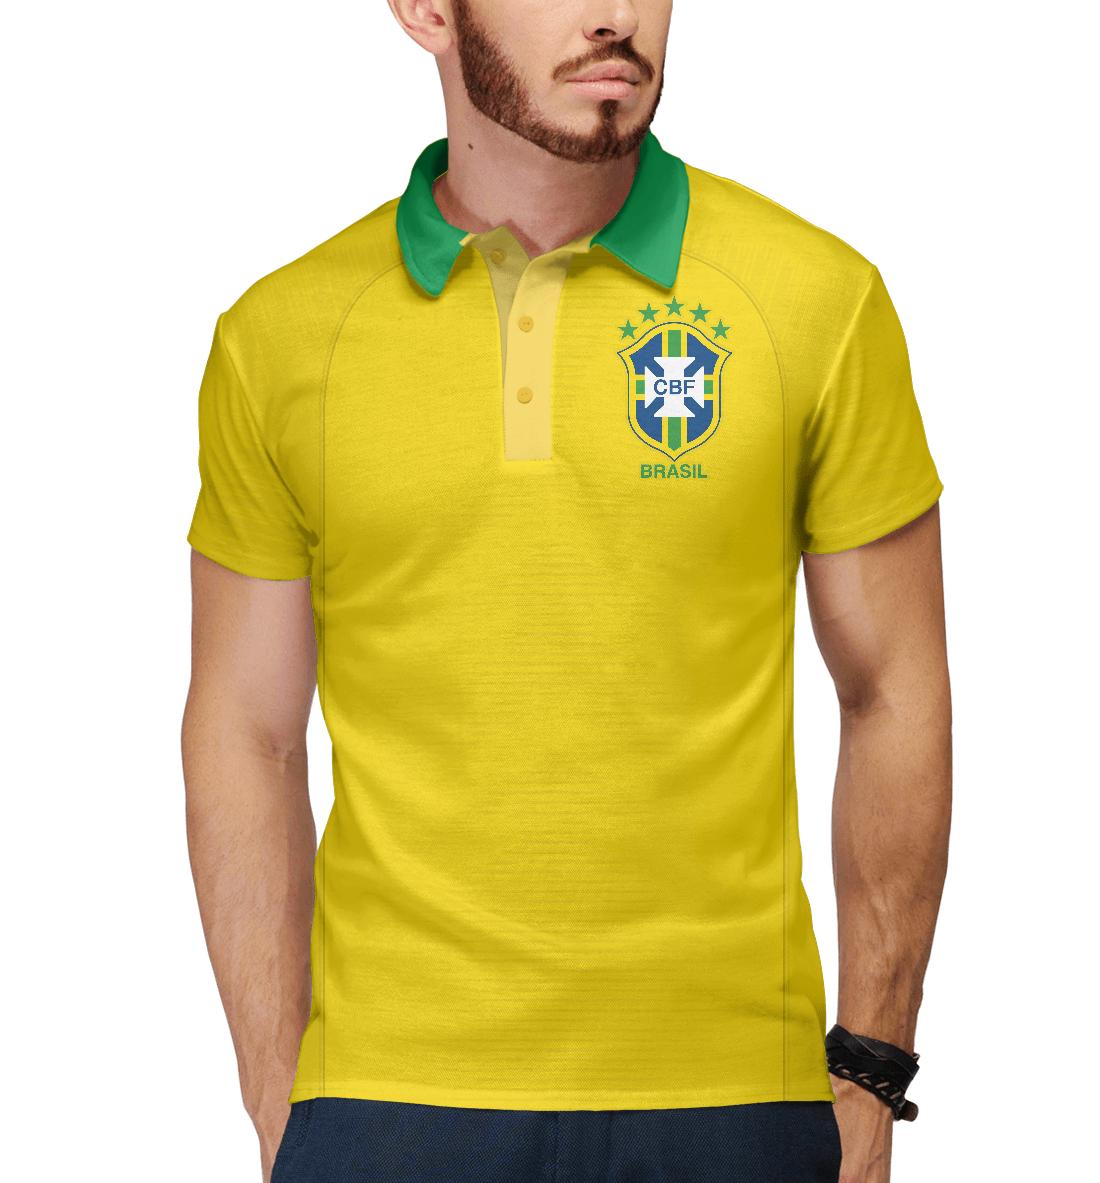 Купить Форма Сборной Бразилии 2018, Printbar, Поло, FNS-723130-pol-2